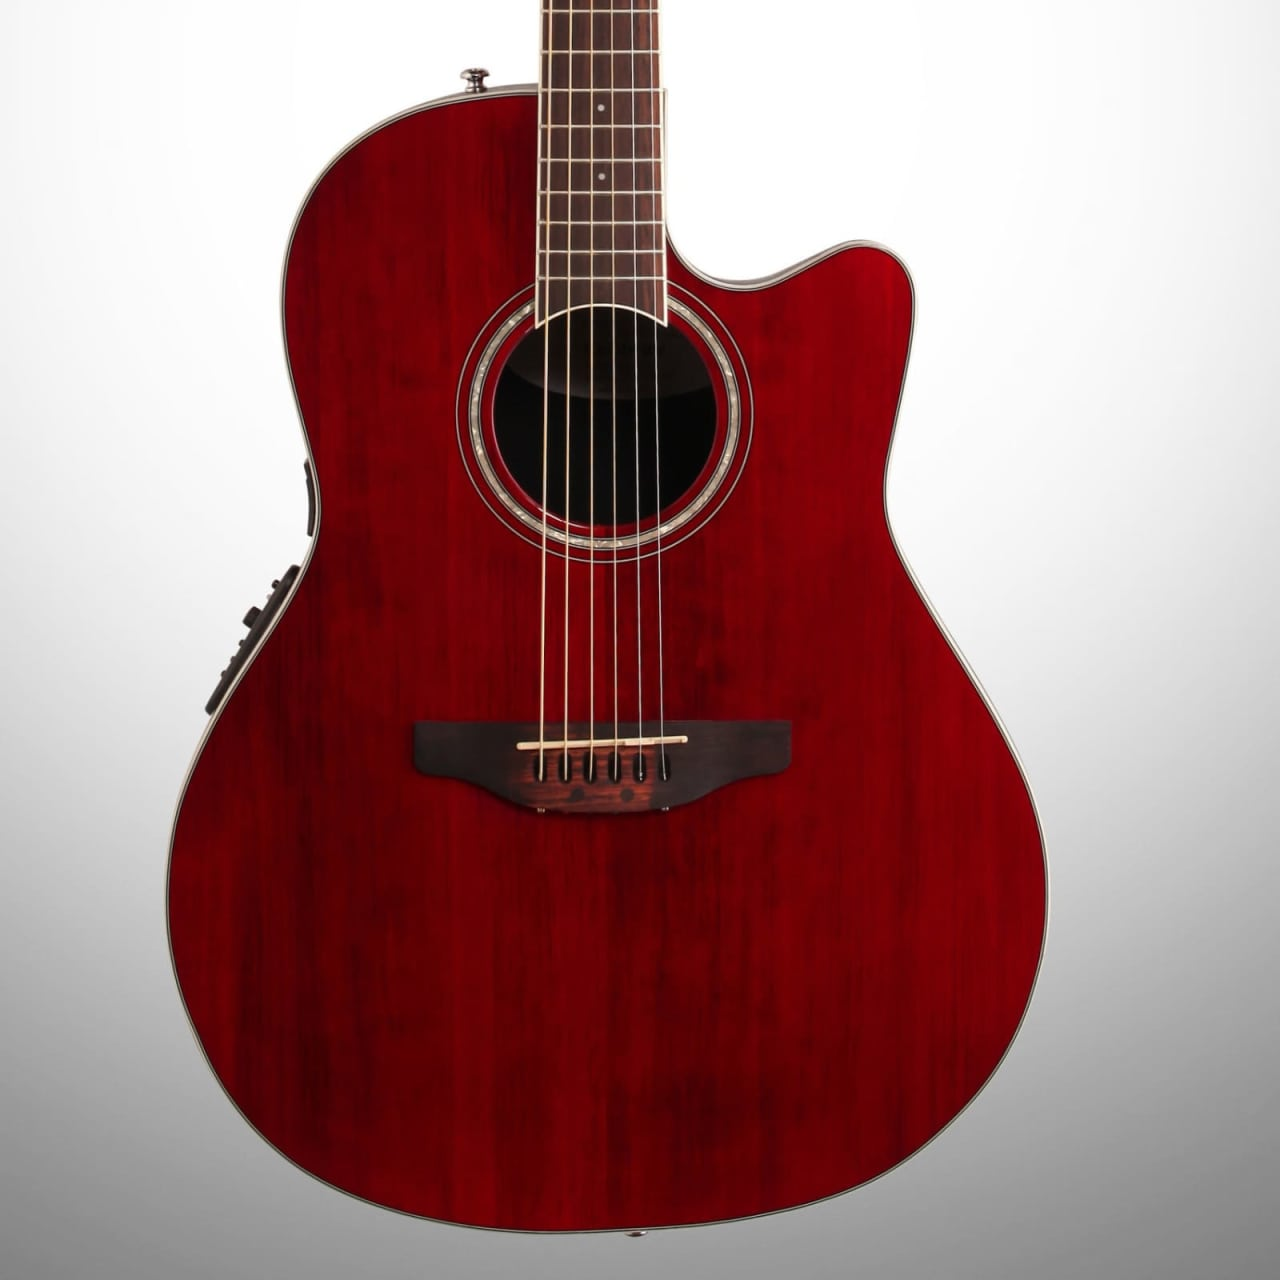 ovation cs24 celebrity standard acoustic electric guitar reverb. Black Bedroom Furniture Sets. Home Design Ideas